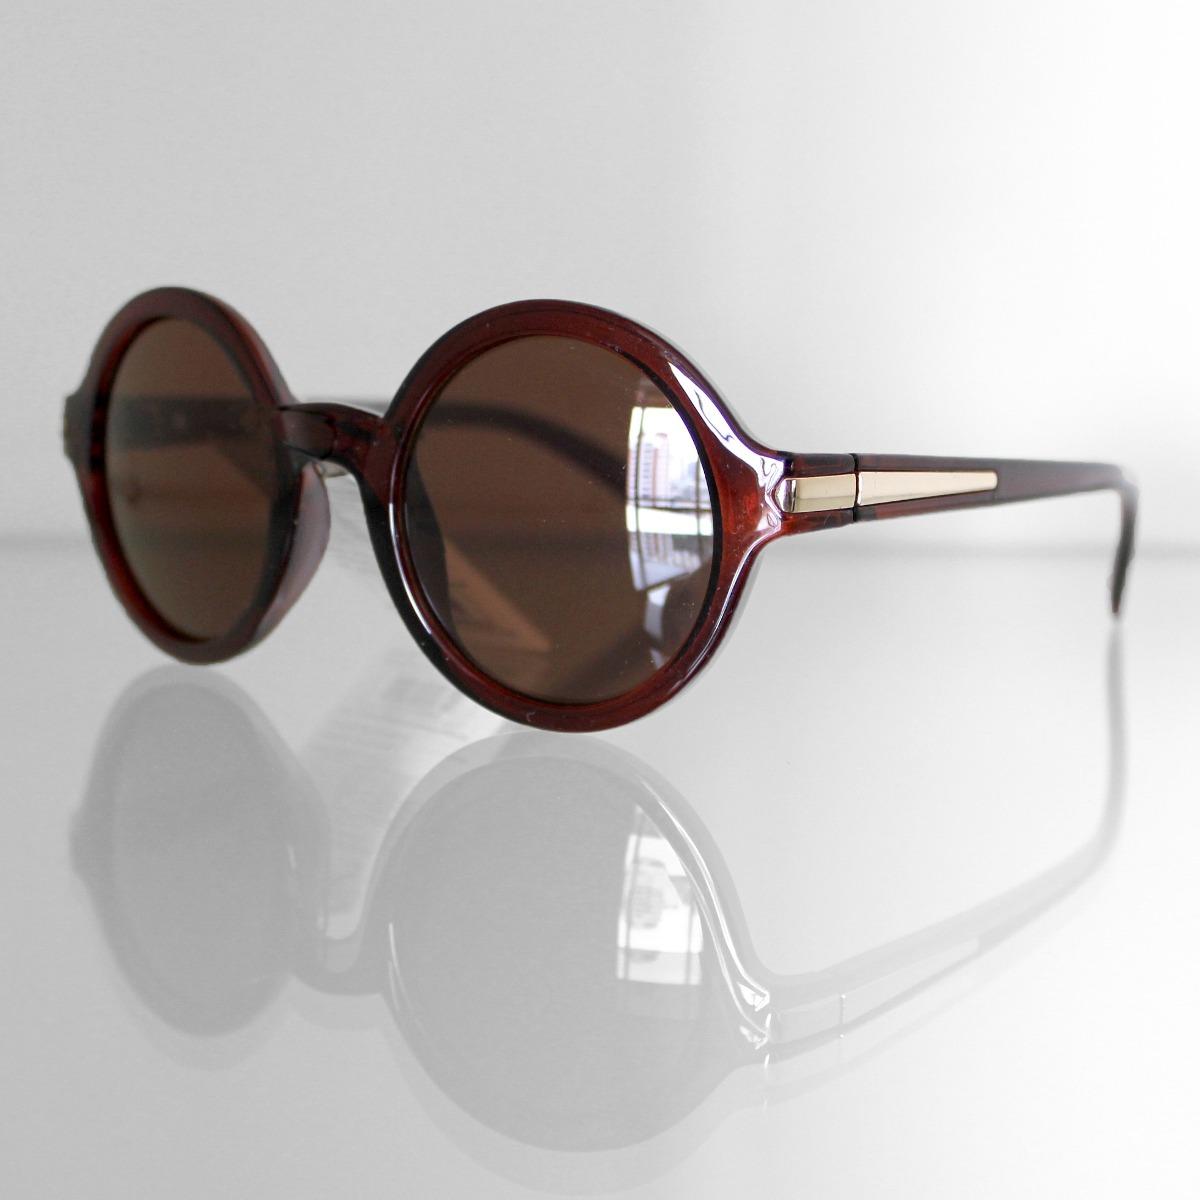 Óculos De Sol Feminino Redondo Marrom Fashion Moderno - R  37,90 em ... b35be0ec18